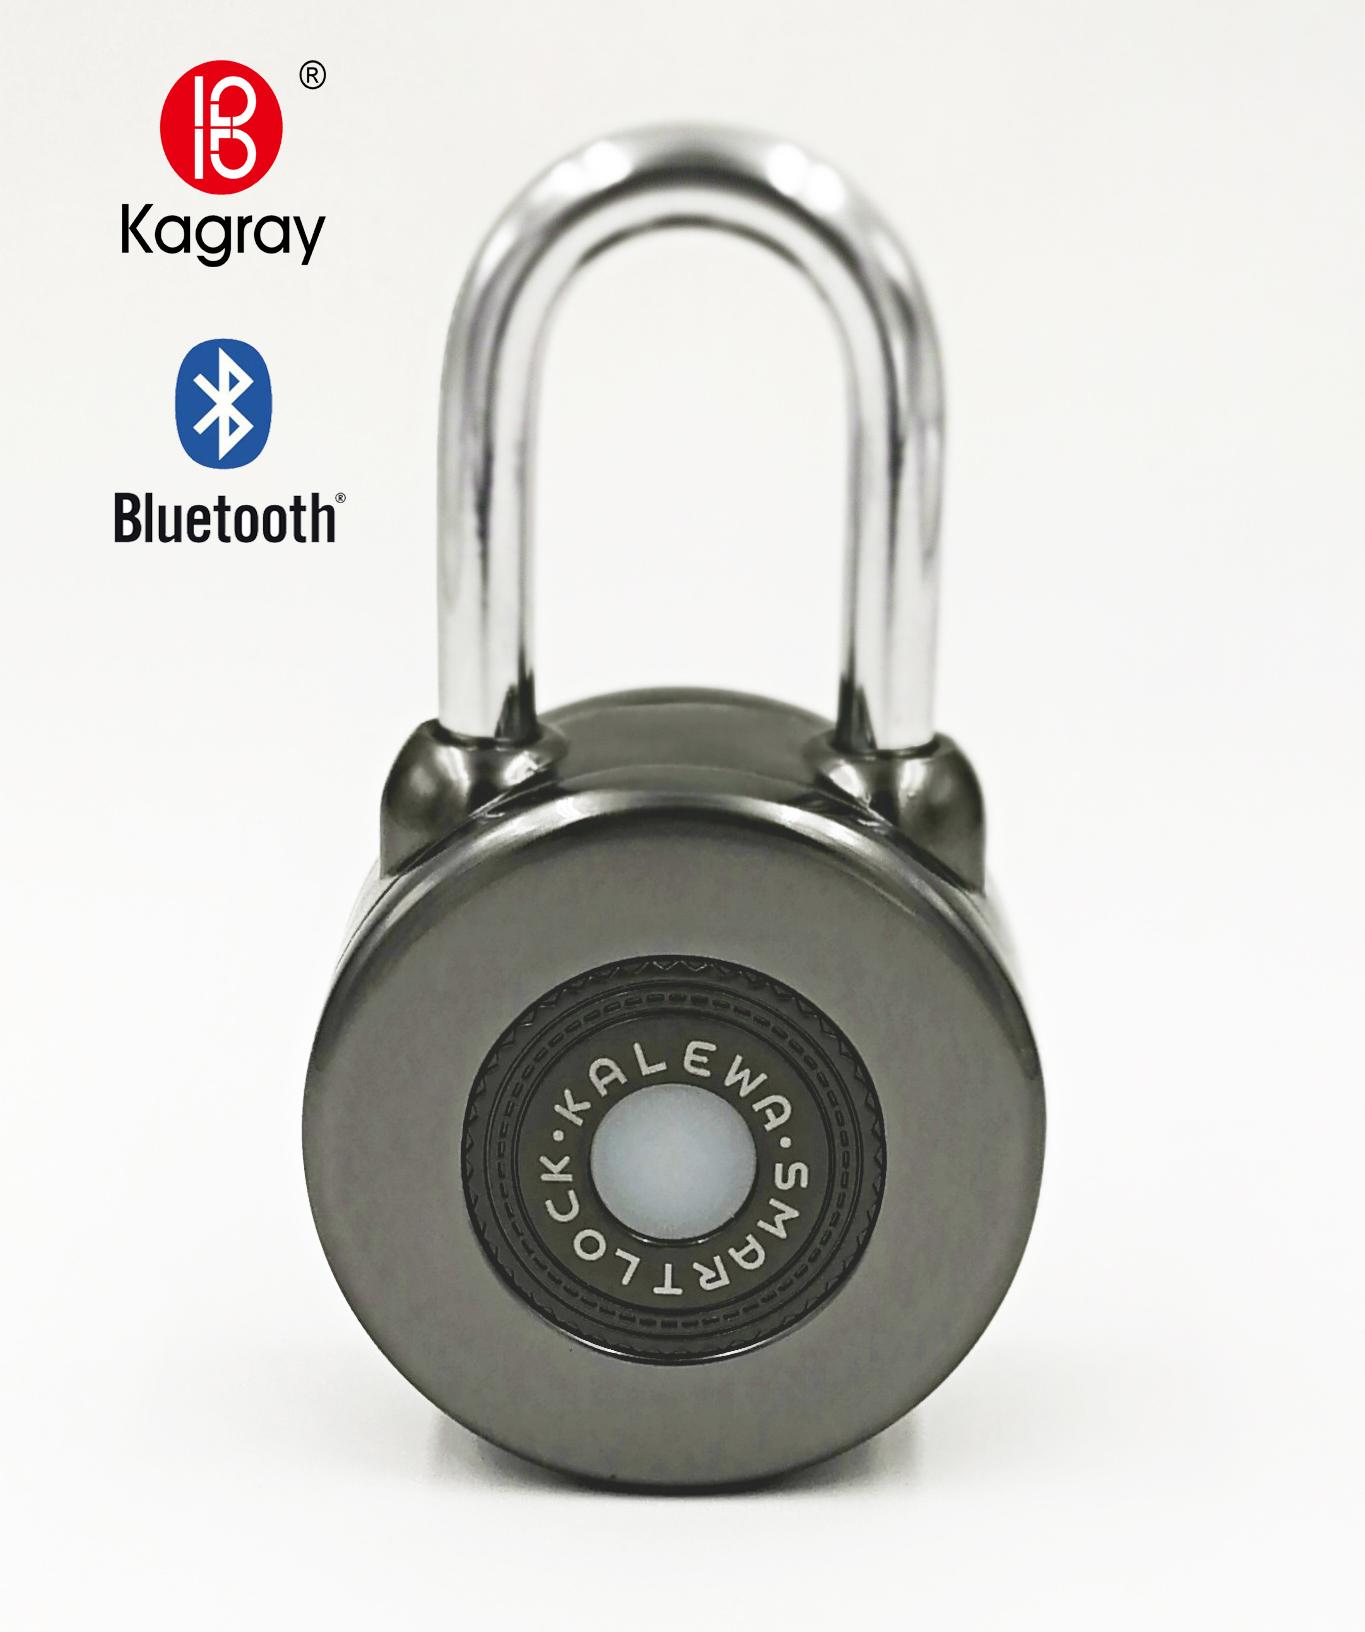 智能蓝牙锁,开锁轨迹记录,手机开锁,权限分配,工厂管理